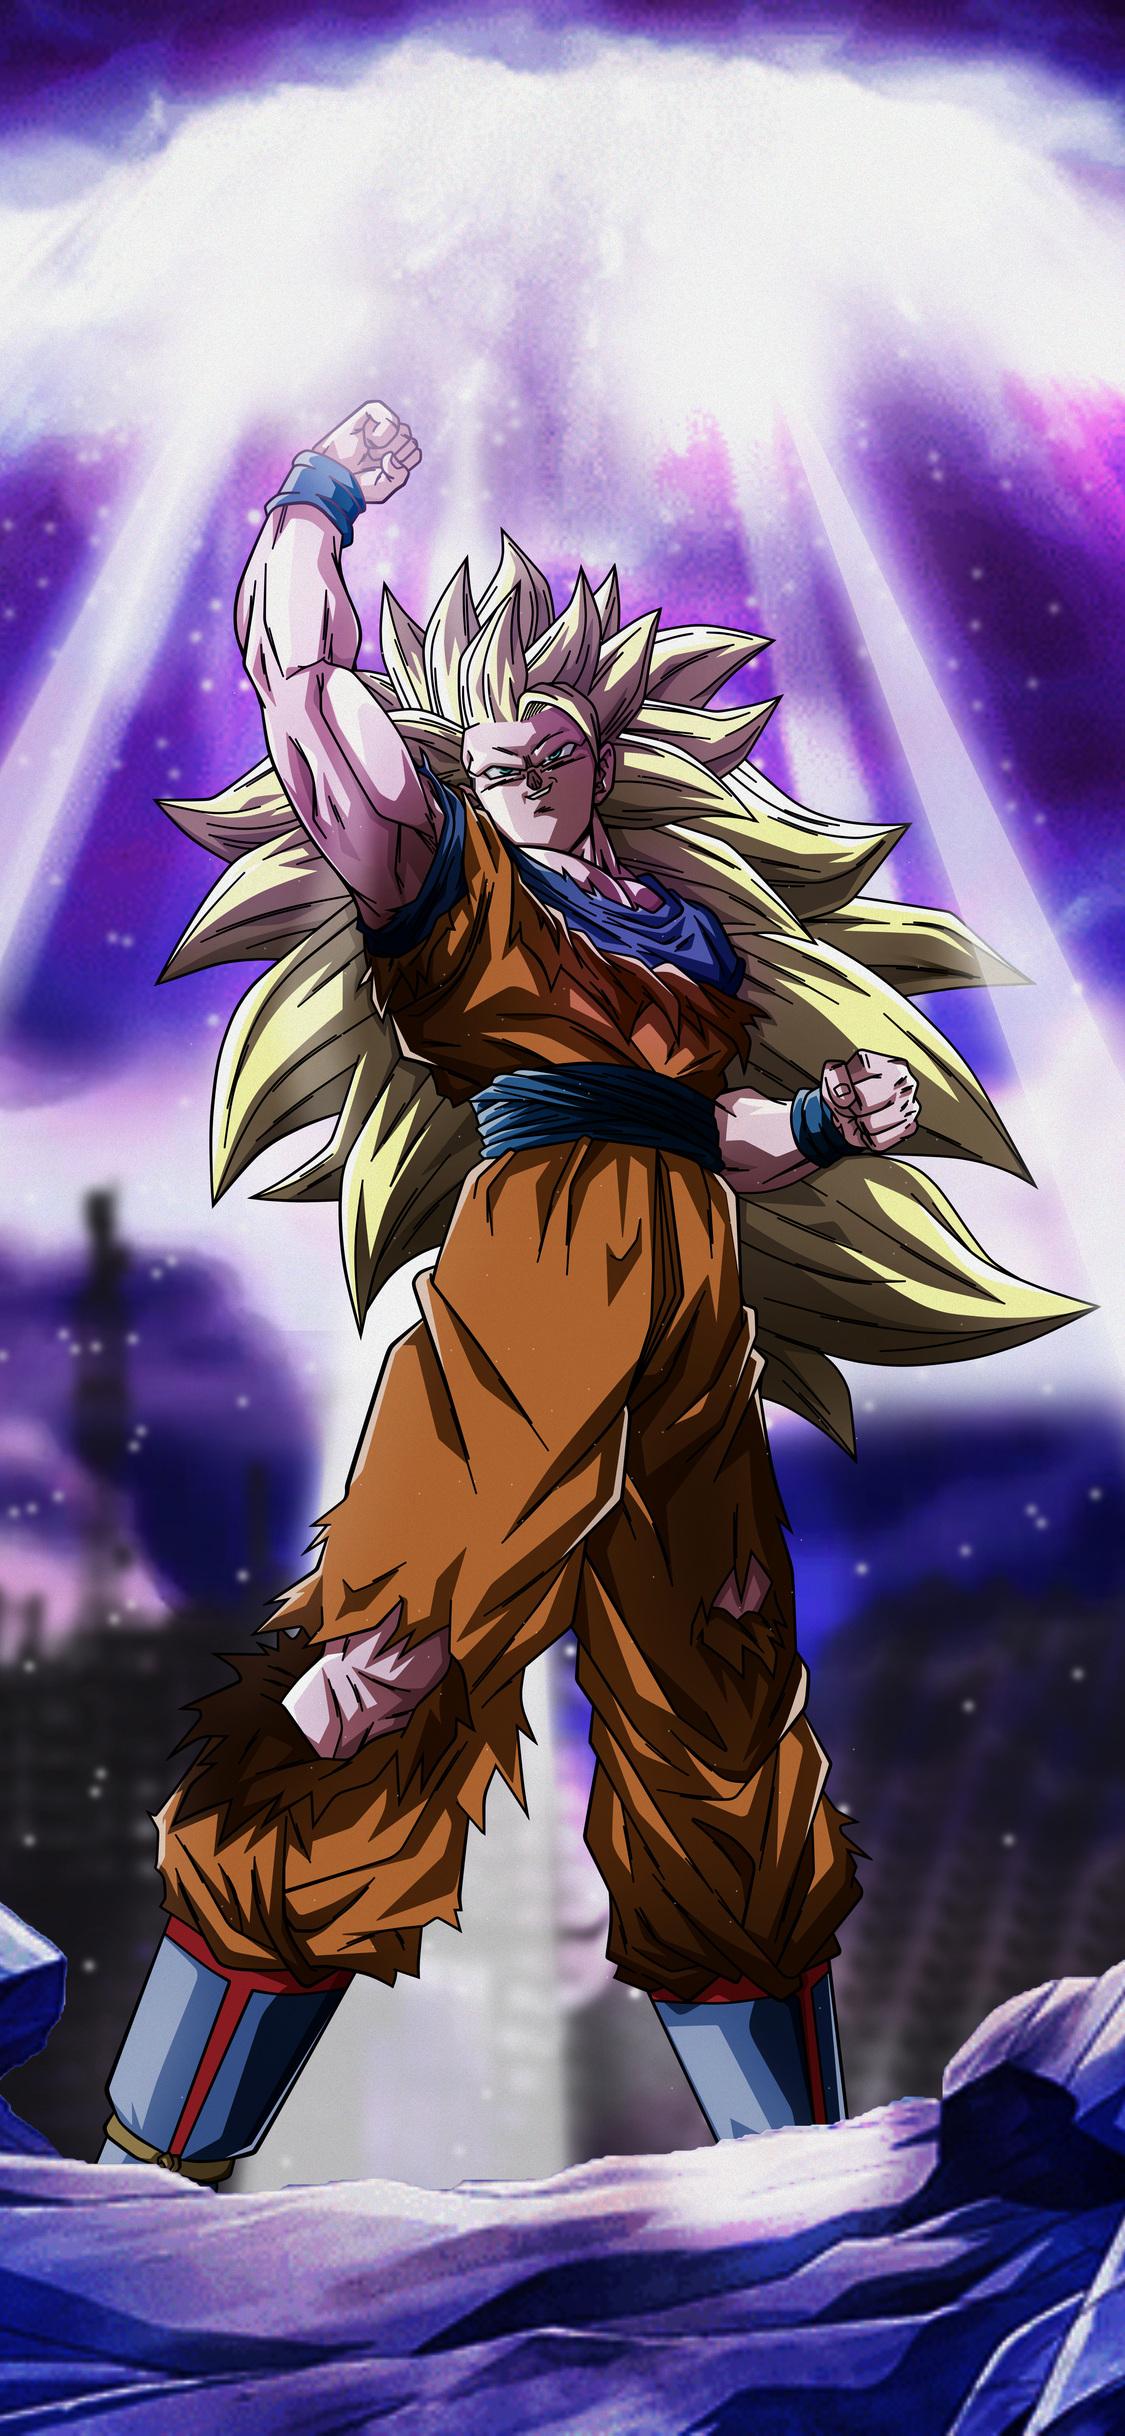 1125x2436 Dragon Ball Z Goku 5k Iphone Xs Iphone 10 Iphone X Hd 4k